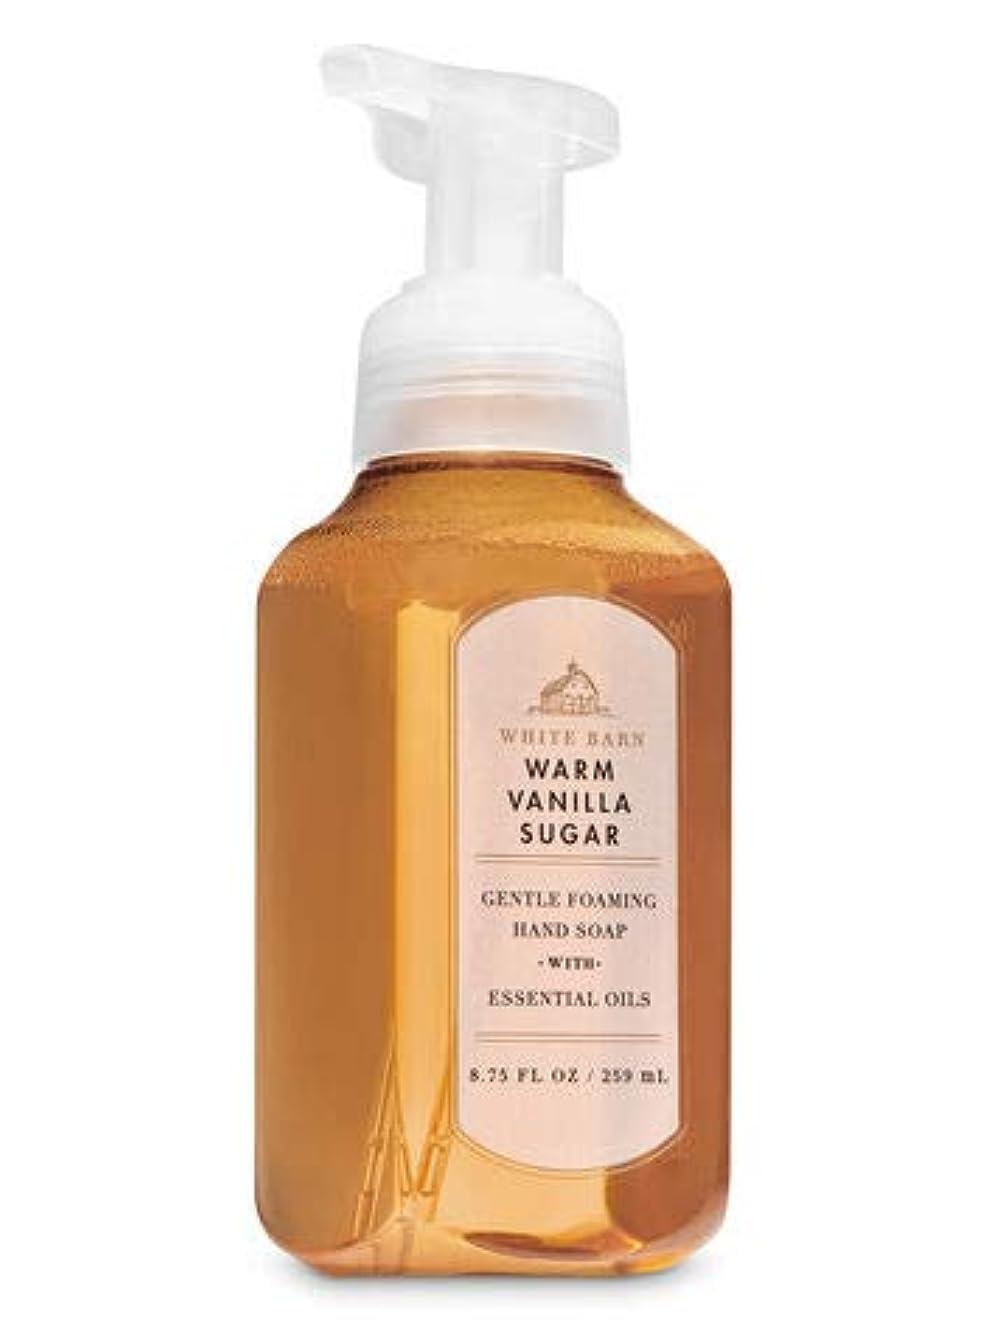 バス&ボディワークス ウォームバニラシュガー ジェントル フォーミング ハンドソープ Warm Vanilla Sugar Gentle Foaming Hand Soap [並行輸入品]